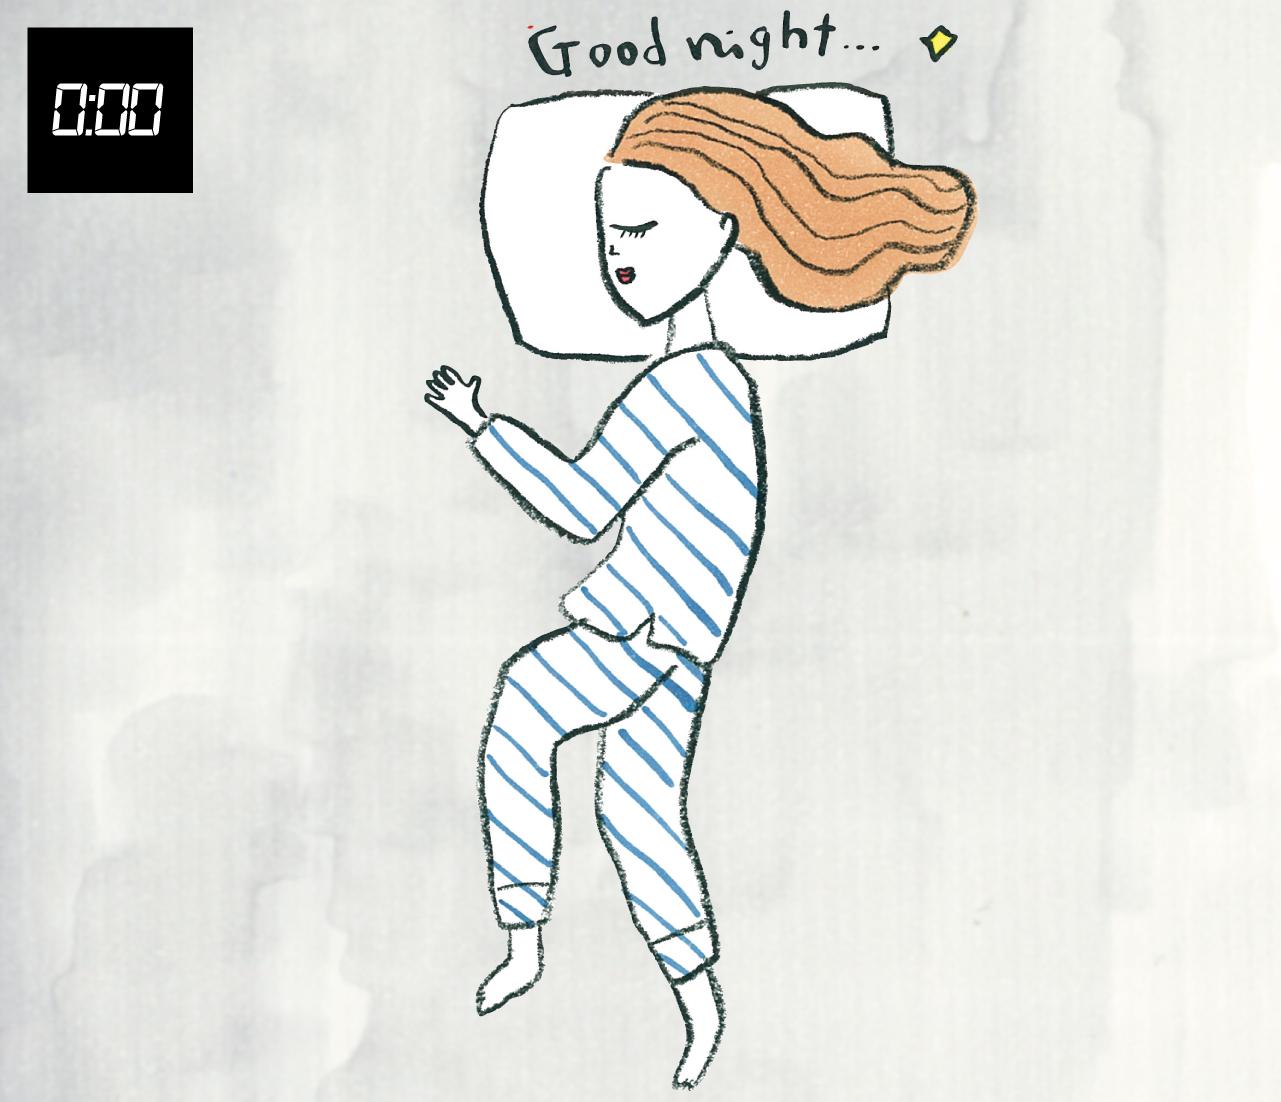 0:00 右向き寝で、いびきを防ぎ、自律神経の疲労を防ぐ